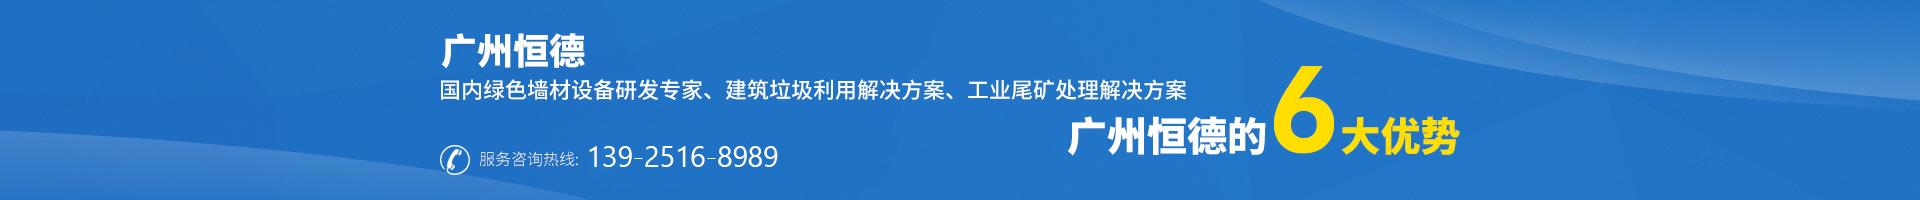 广州恒德6大优势